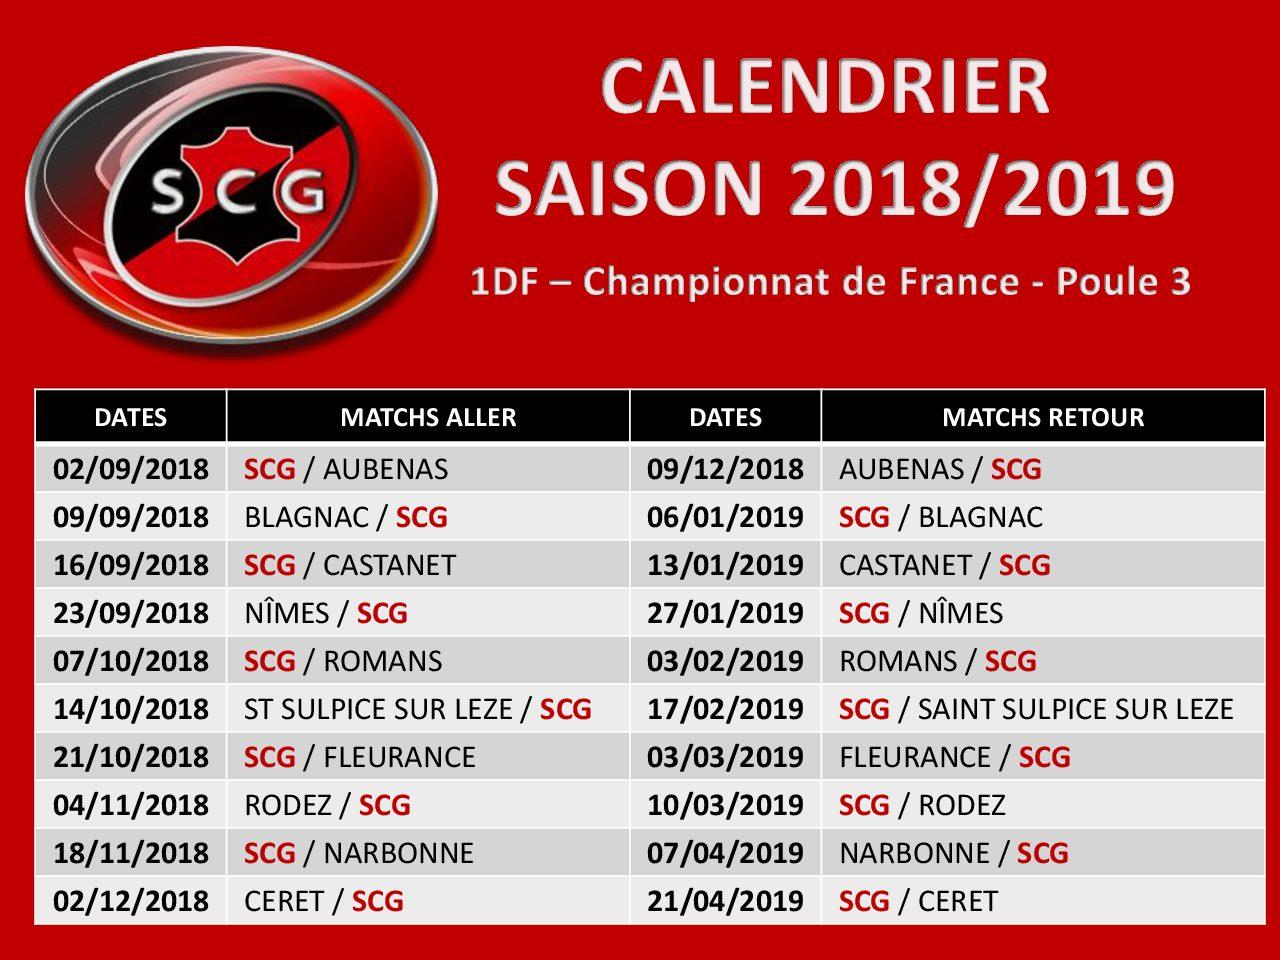 Le calendrier de la saison 2018/2019 dévoilé !